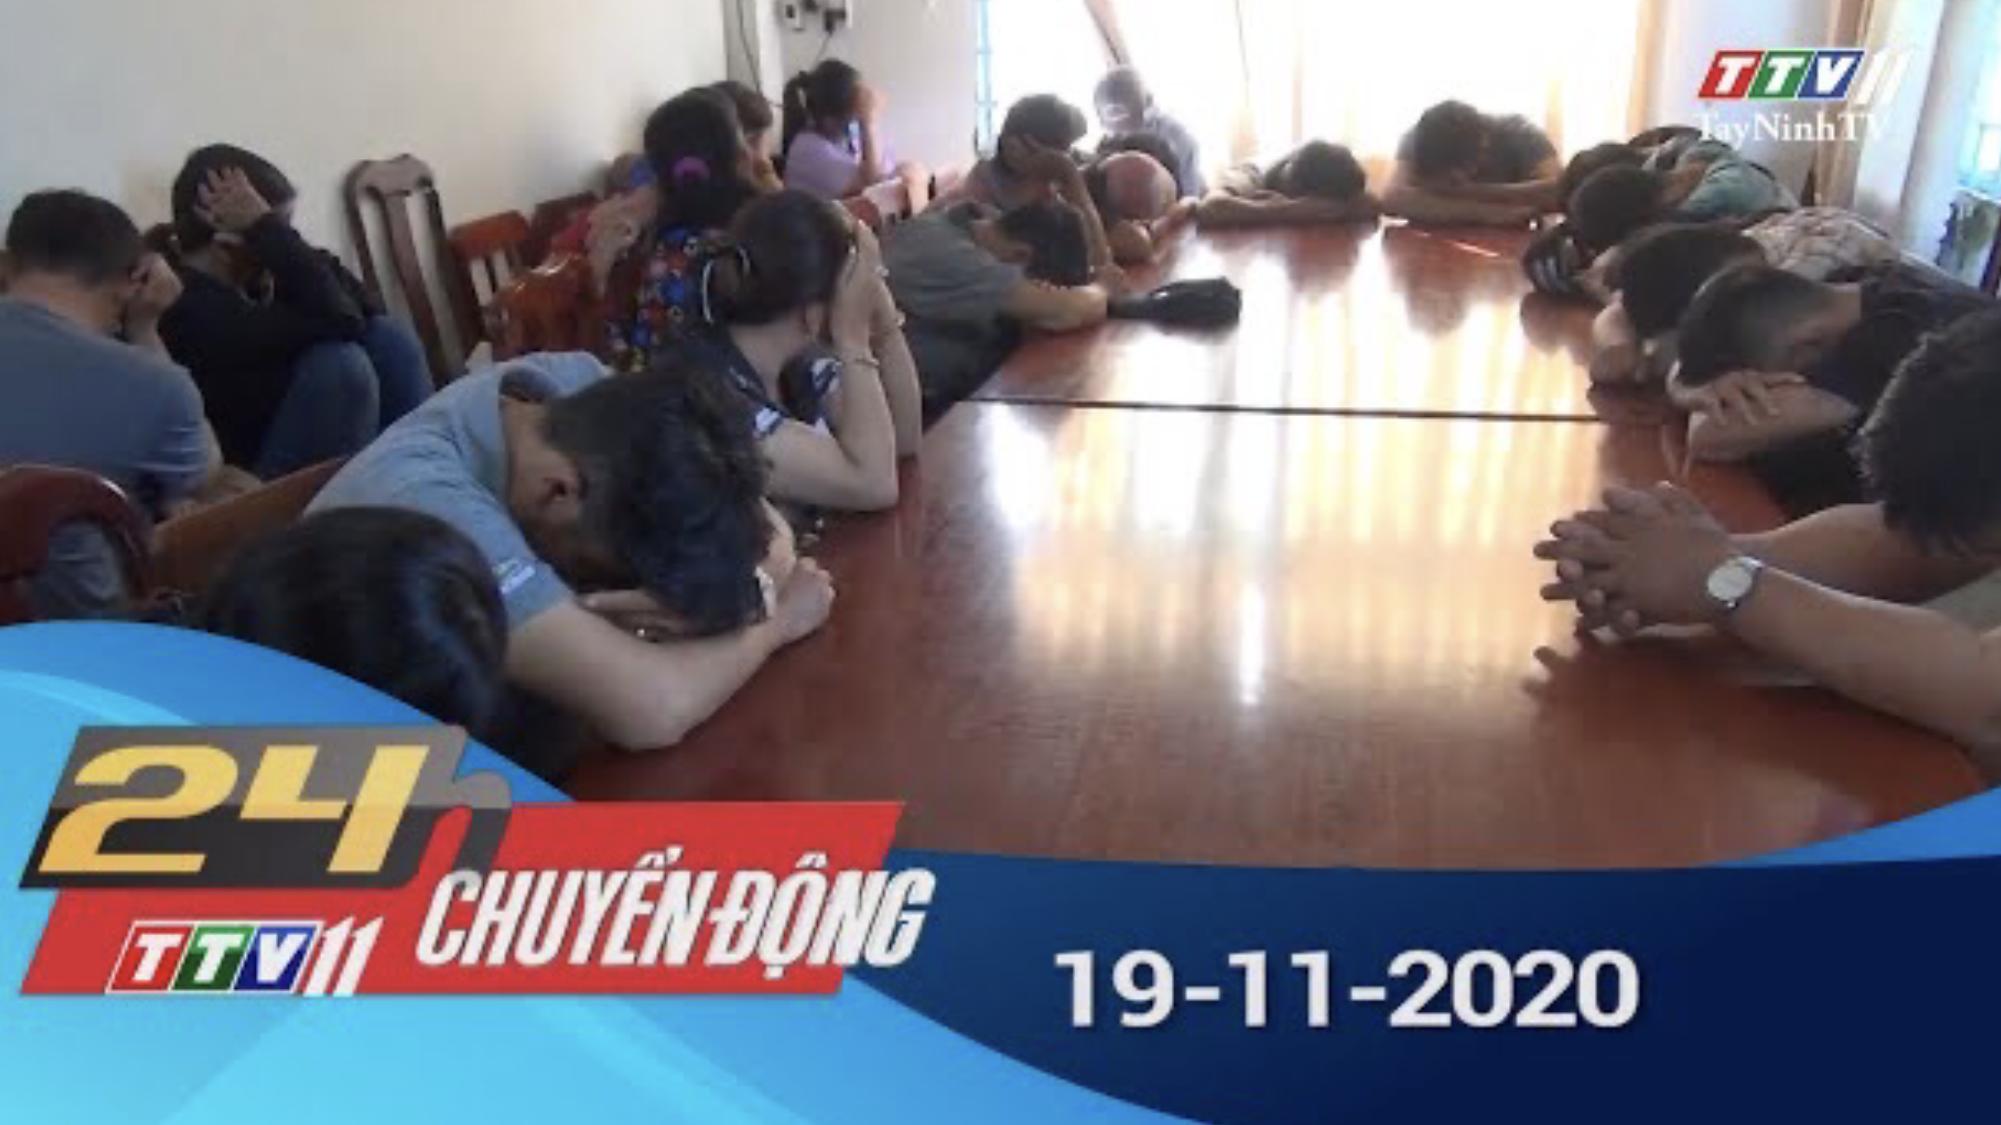 24h Chuyển động 19-11-2020 | Tin tức hôm nay | TayNinhTV